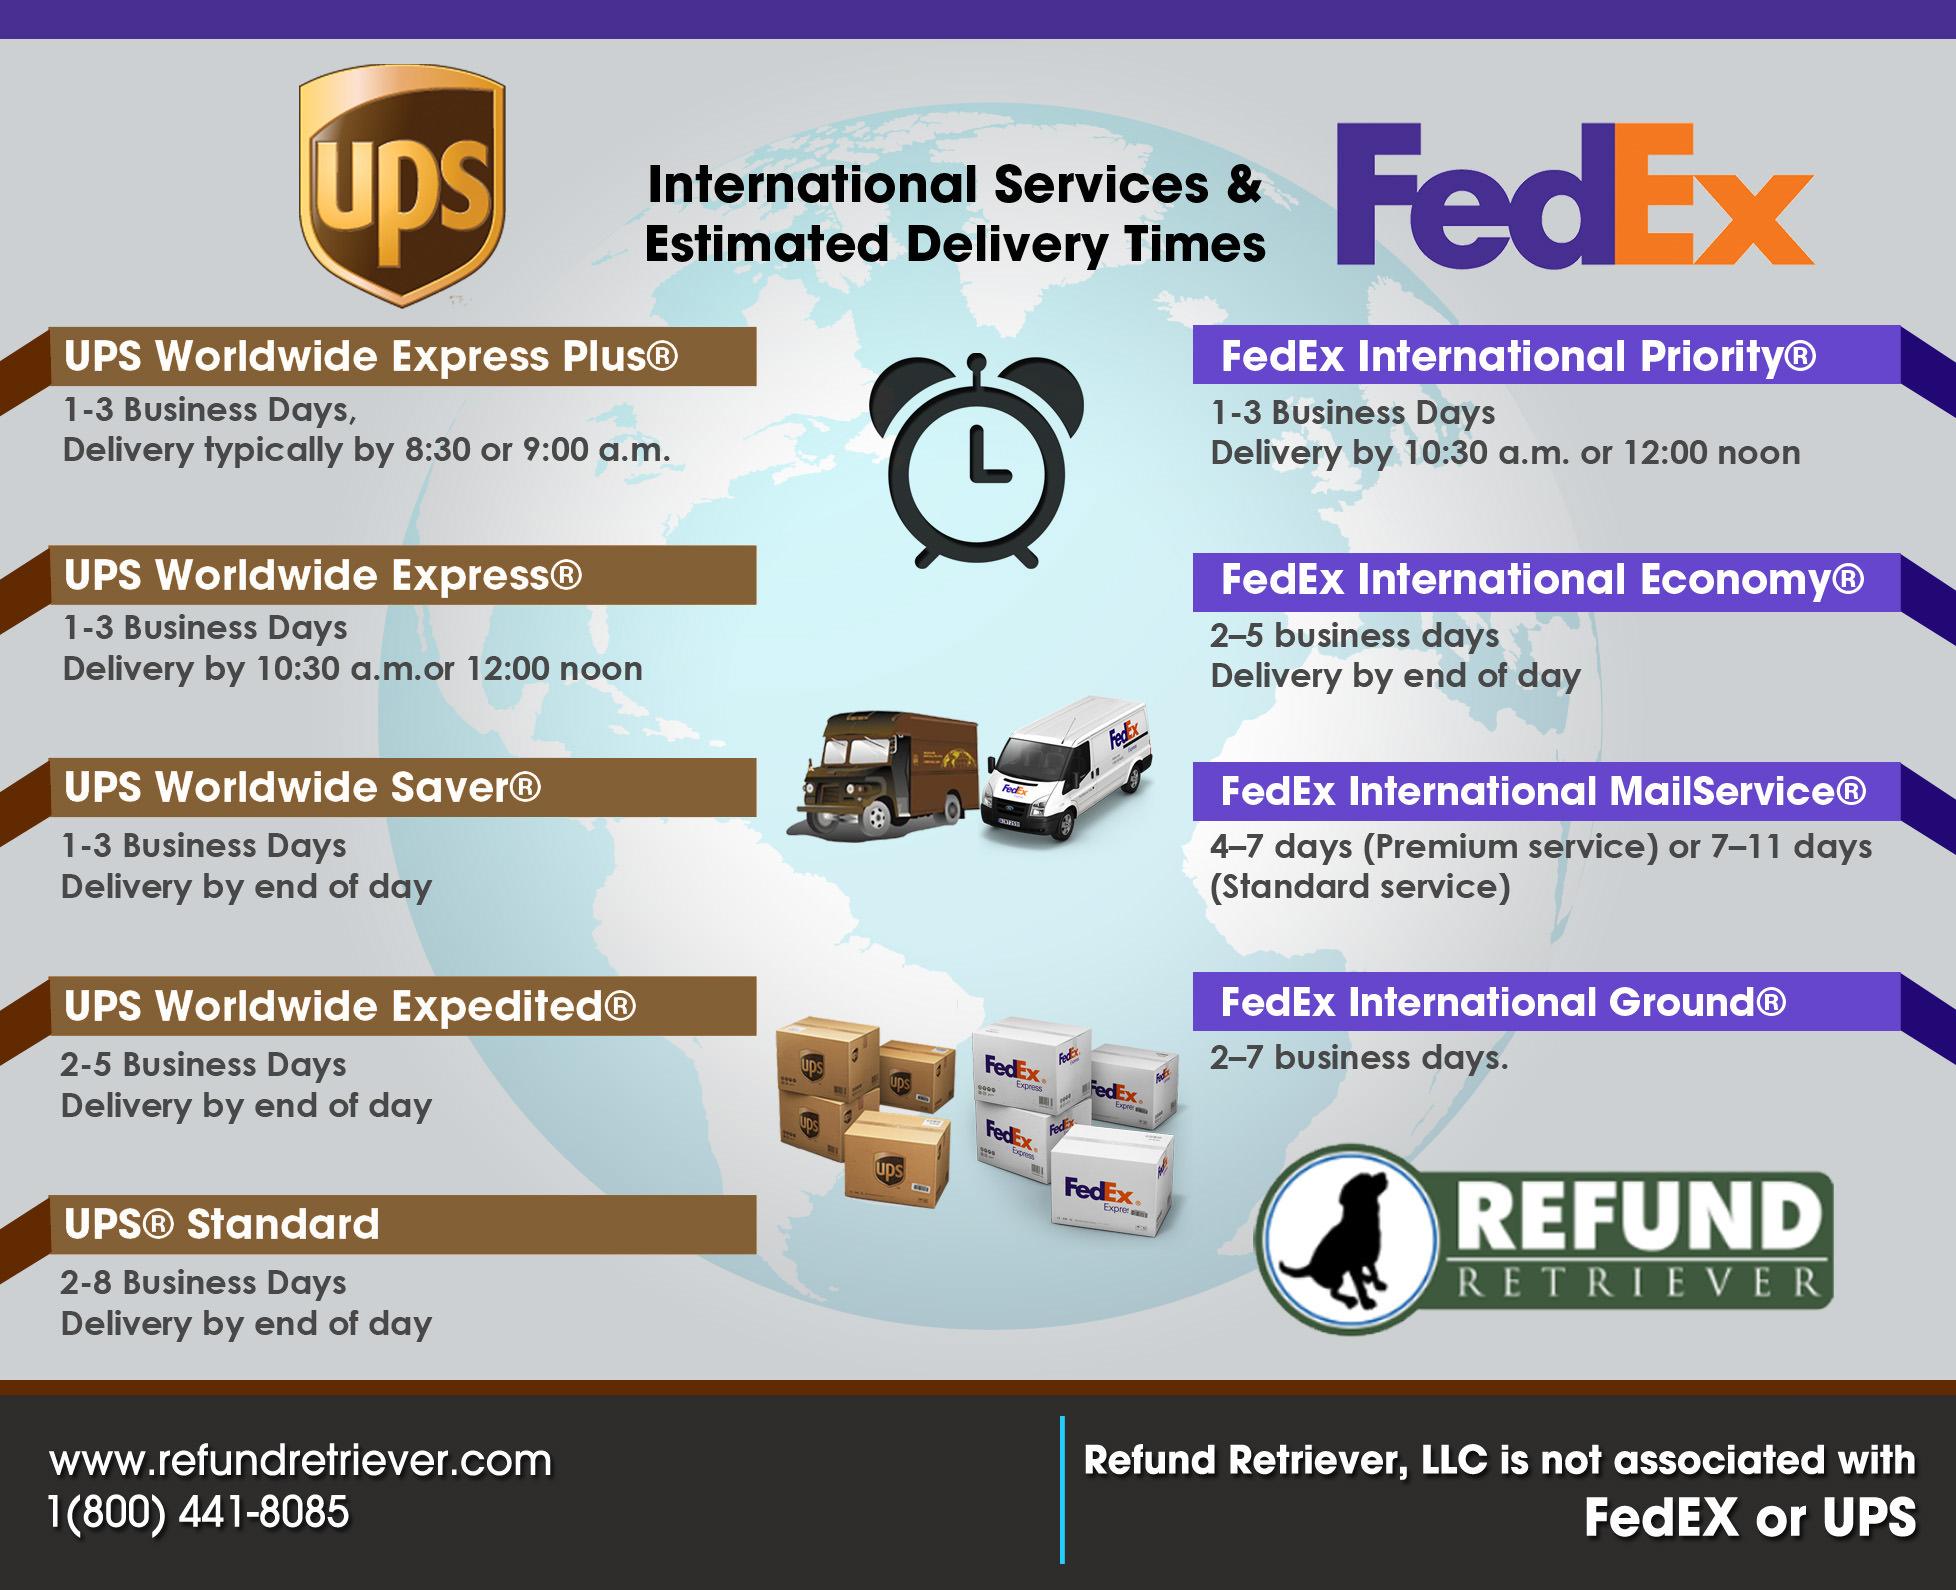 UPS & FedEx International Services | Refund Retriever